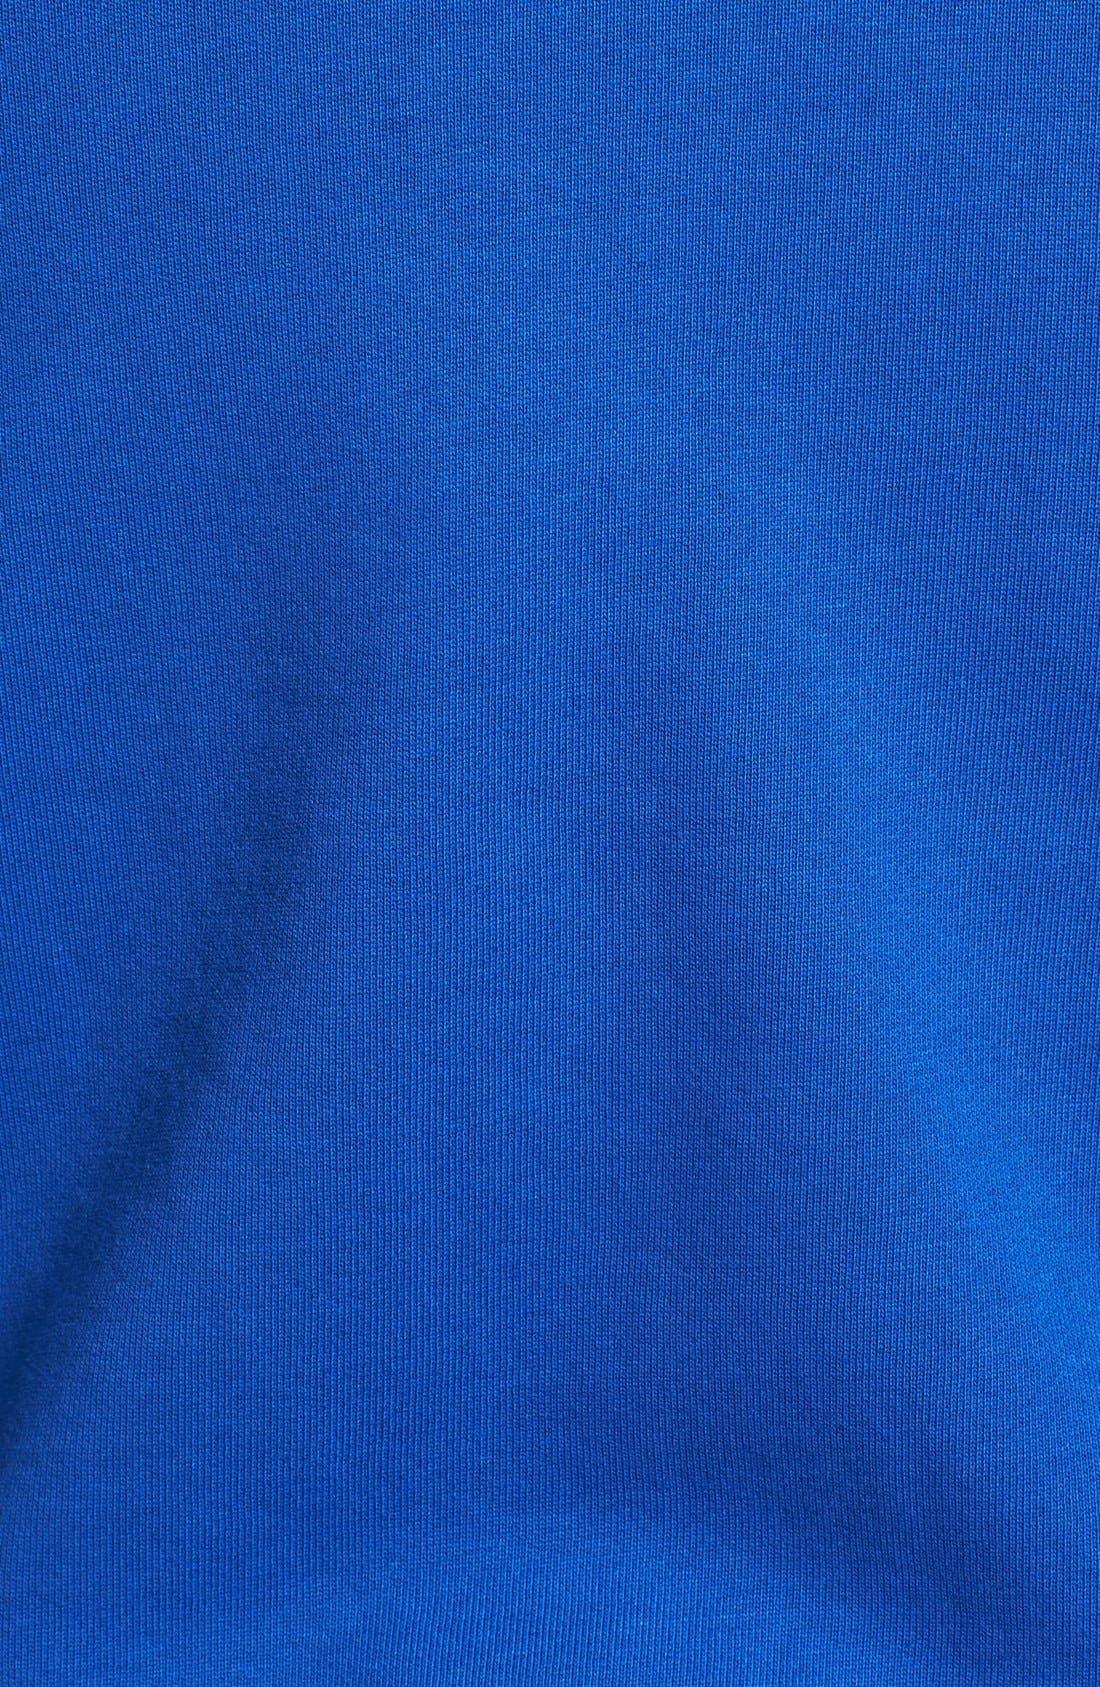 Alternate Image 3  - Mitchell & Ness 'Texas Rangers' Full Zip Hoodie